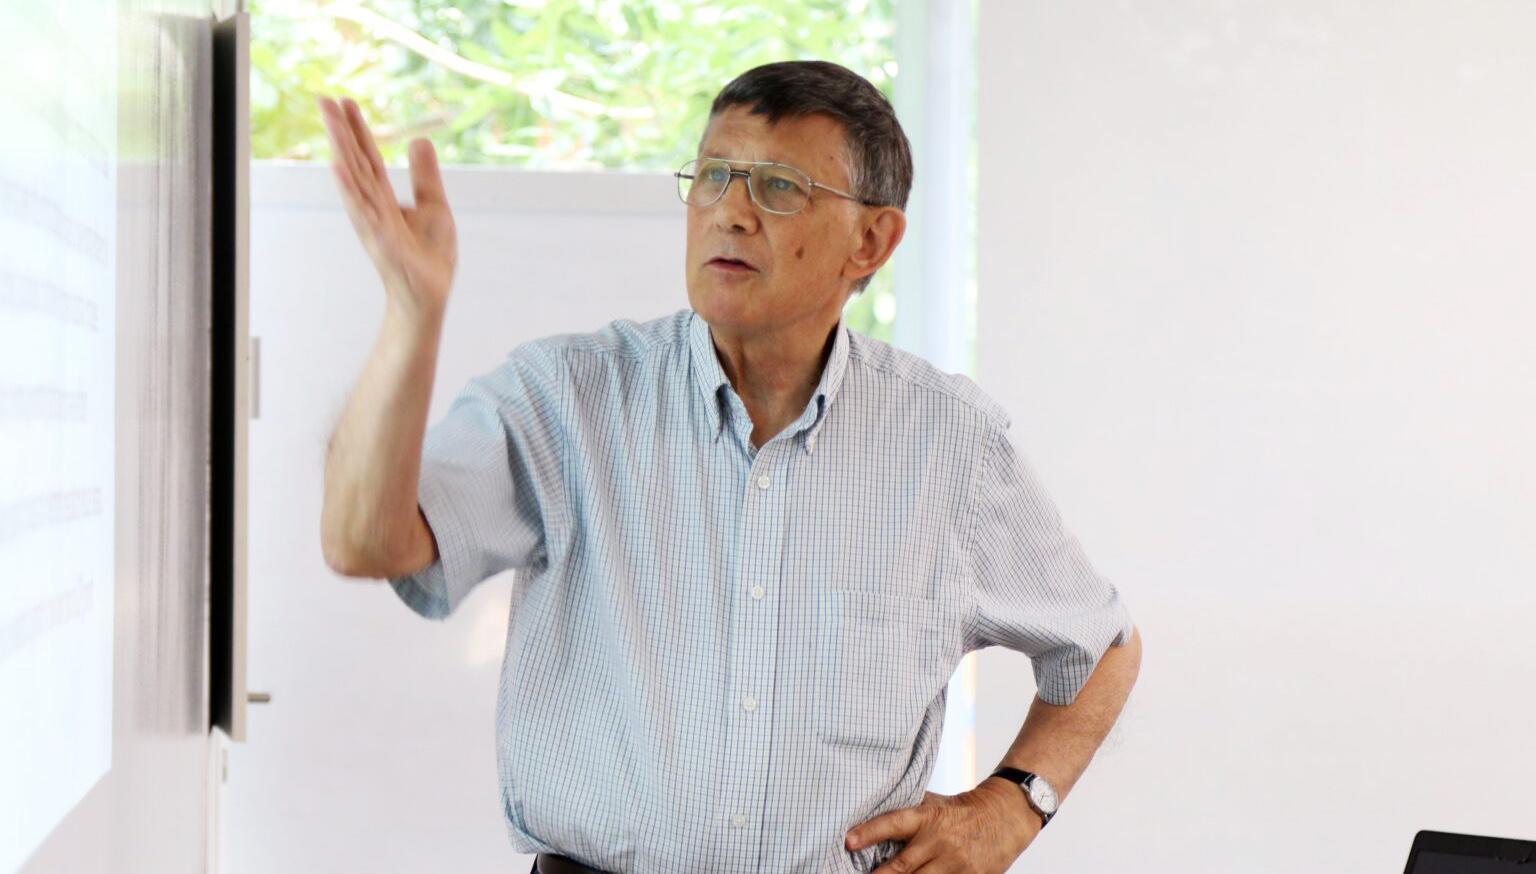 Các nghiên cứu, phản biện chính sách của Giáo sư David Dapice thường xuyên được các nhà lãnh đạo Việt Nam tham khảo (Ảnh: Đại học Fulbright)